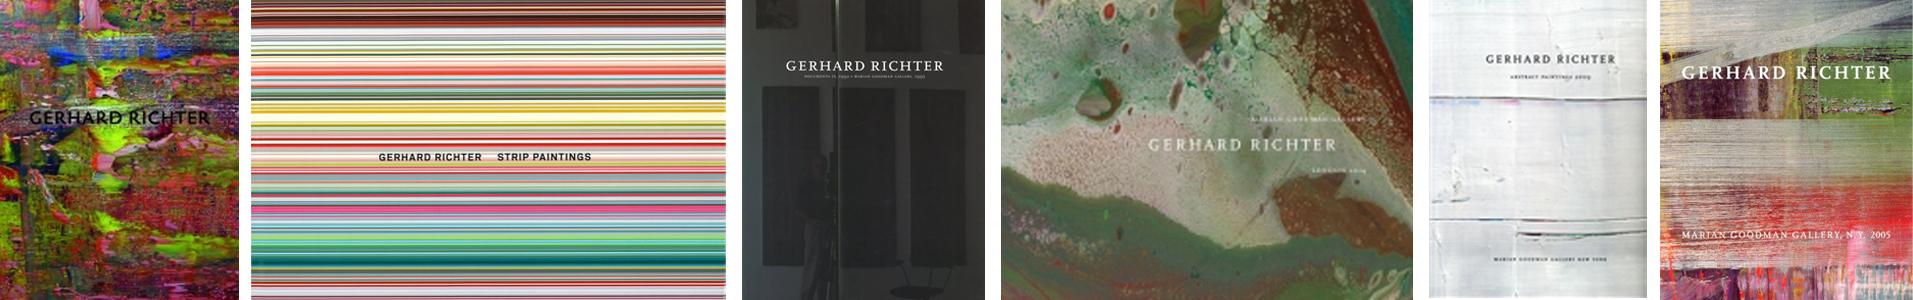 Publikationen Gerhard Richter_Marian Goodman Gallery